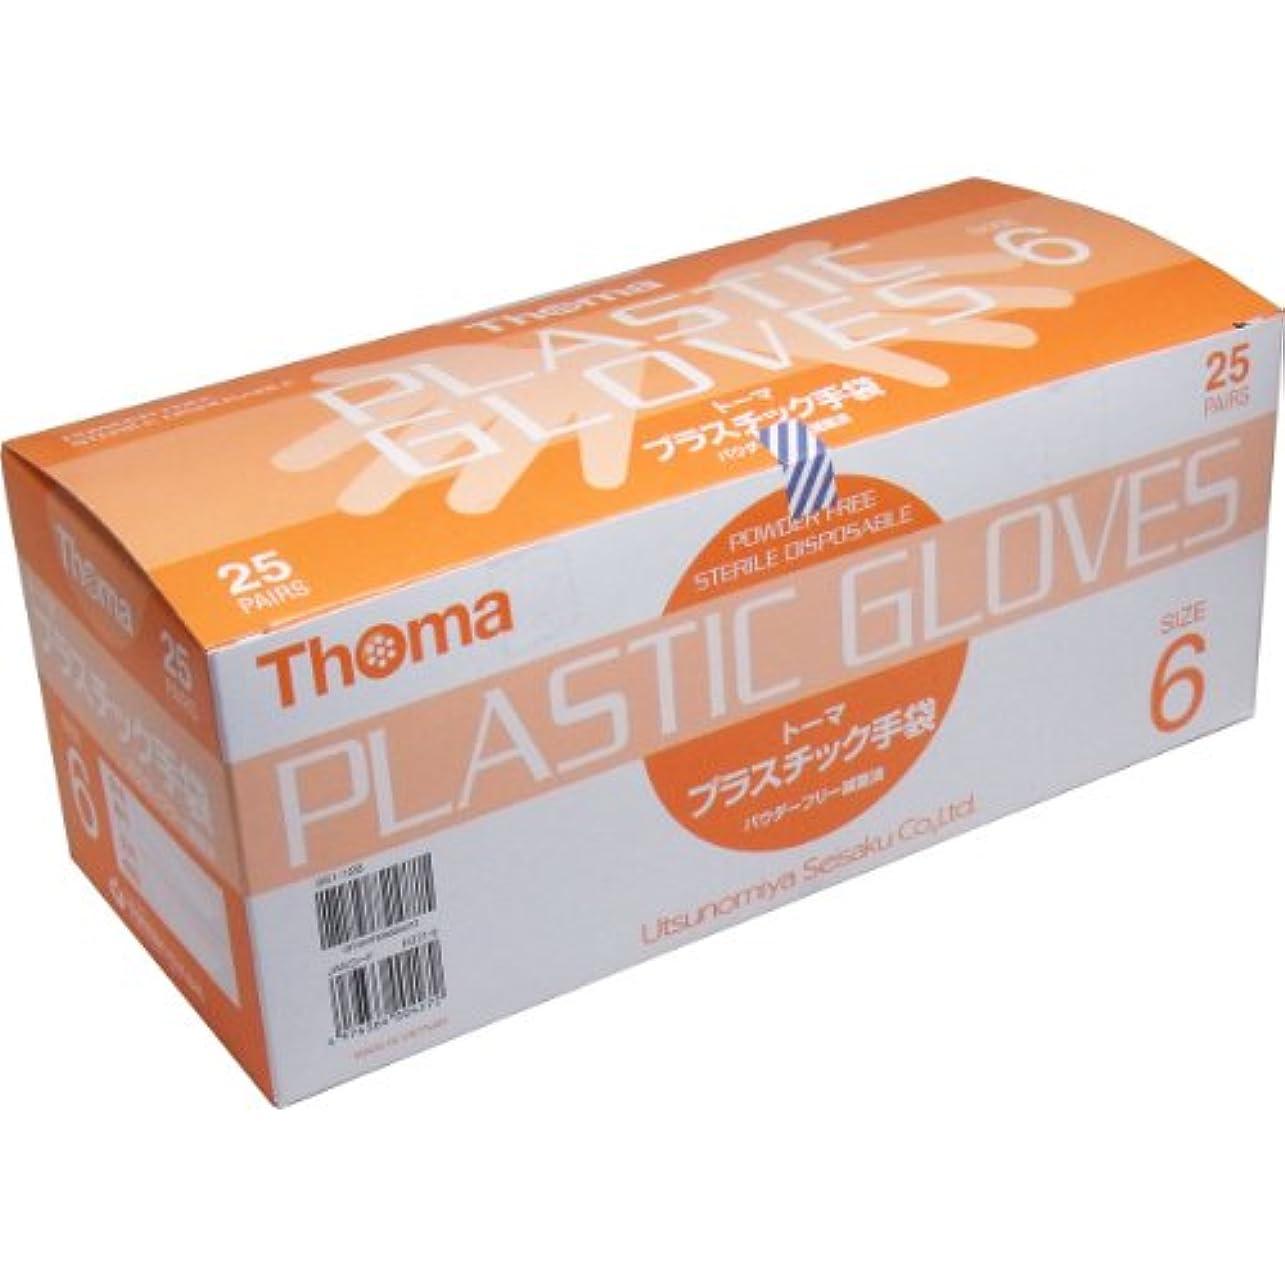 ゼリー横に雨トーマ プラスチック手袋 パウダーフリー 滅菌済 サイズ6 25双入